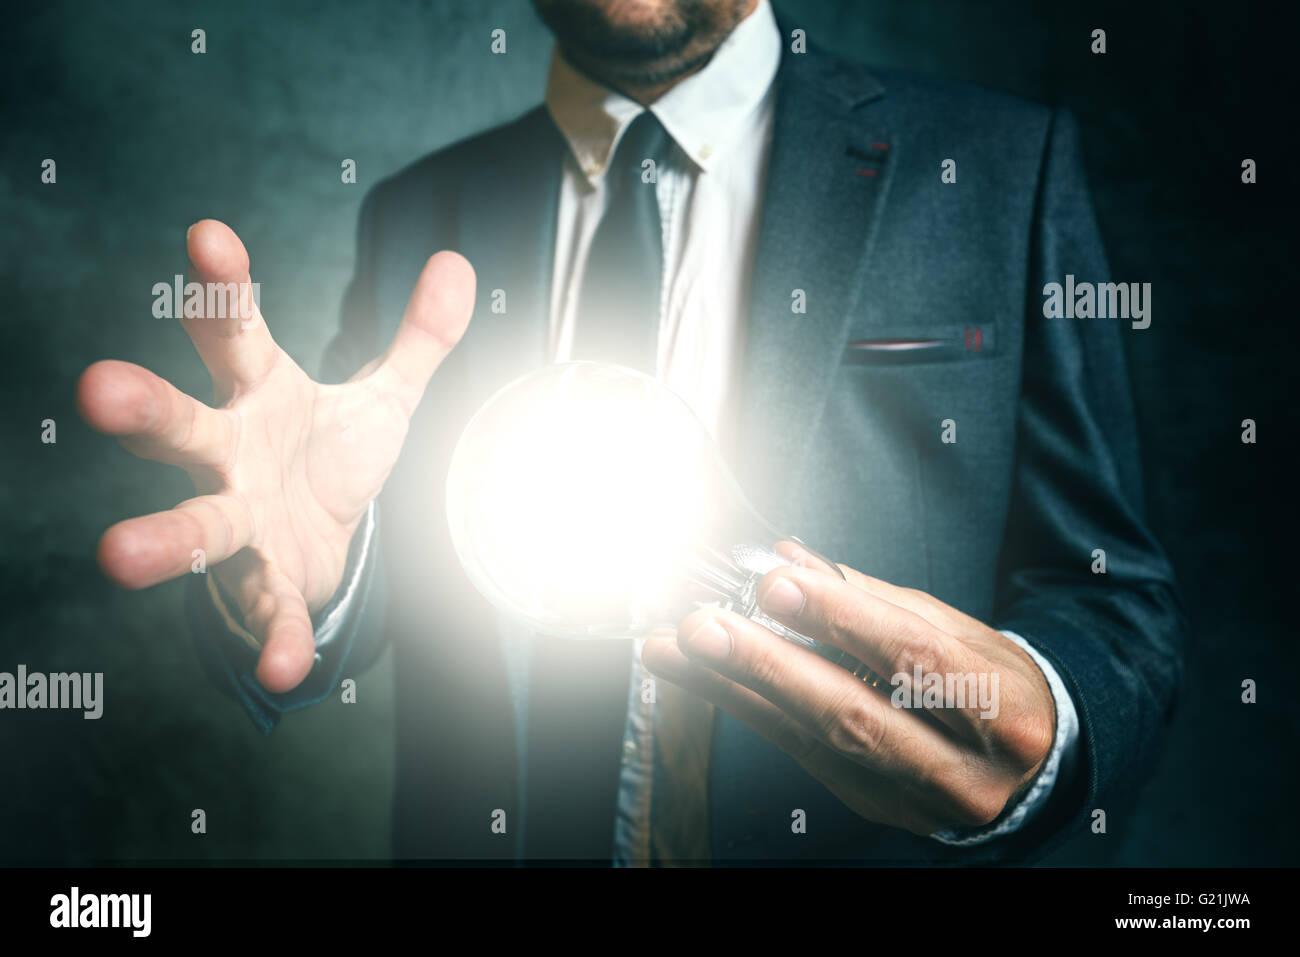 Unternehmen Kreativität und Vision-Konzept mit eleganten Erwachsenen Geschäftsmann hält helle Glühbirne als Metapher Stockfoto